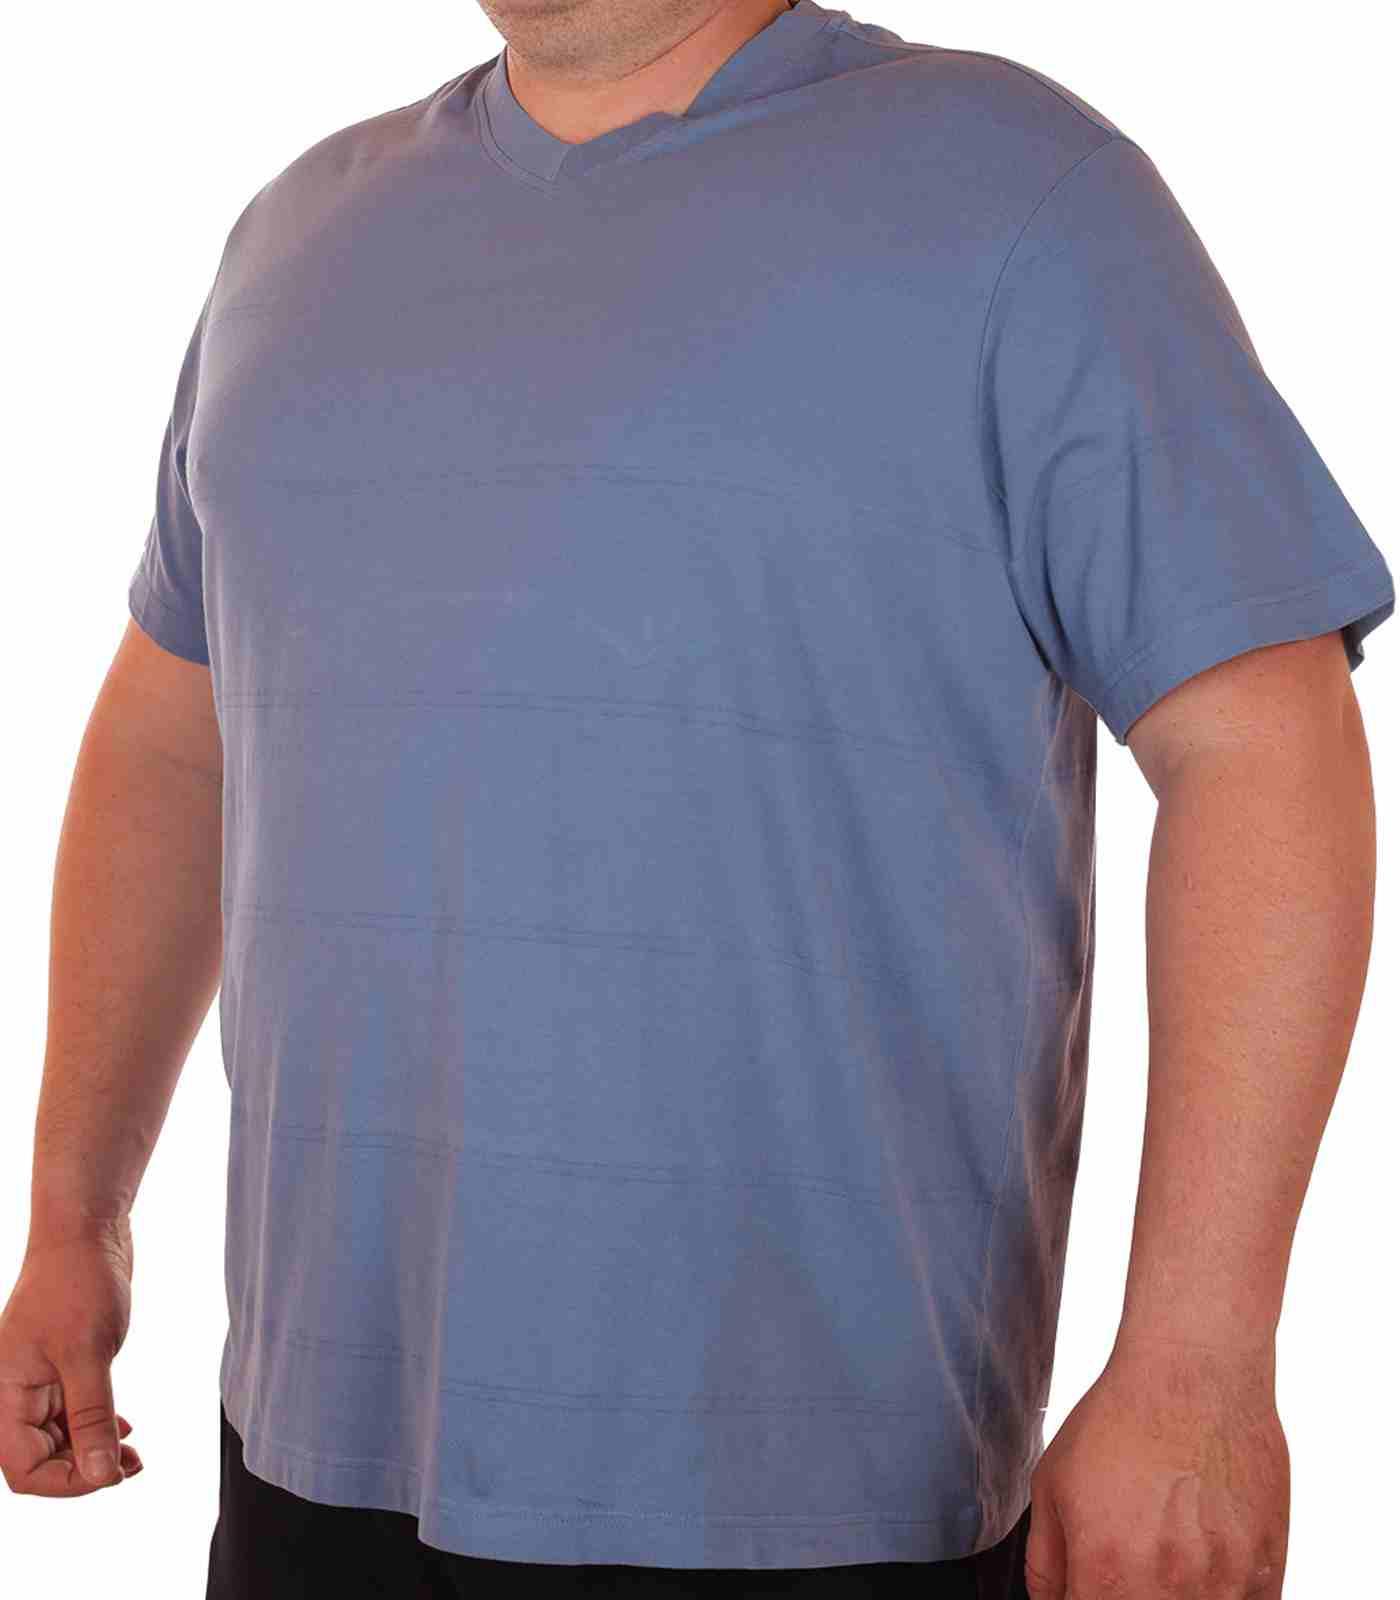 Повседневная футболка больших размеров (батал) от Roundtree & Yorke (США)-главная